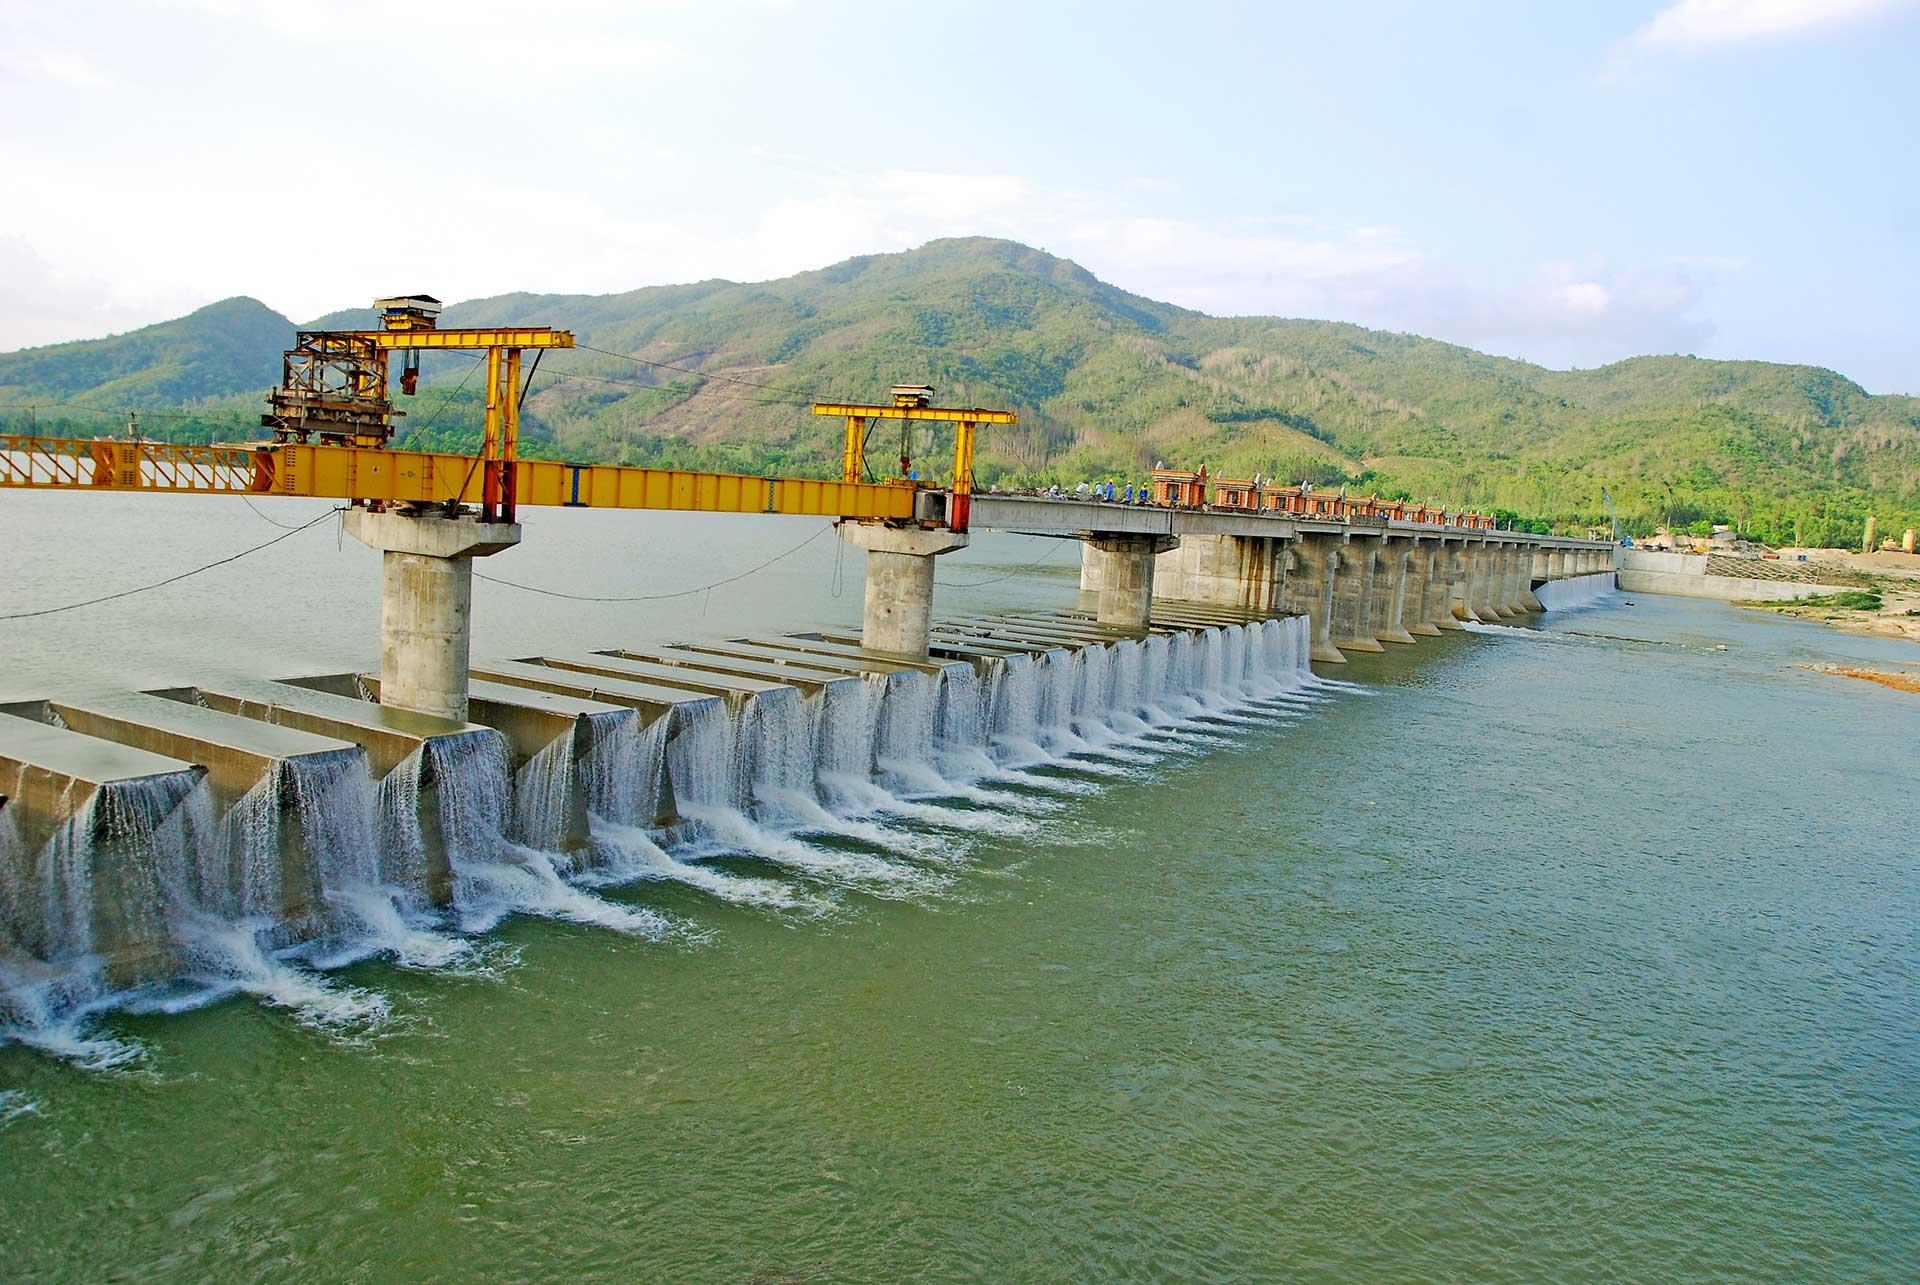 Van Phong self spillway dam